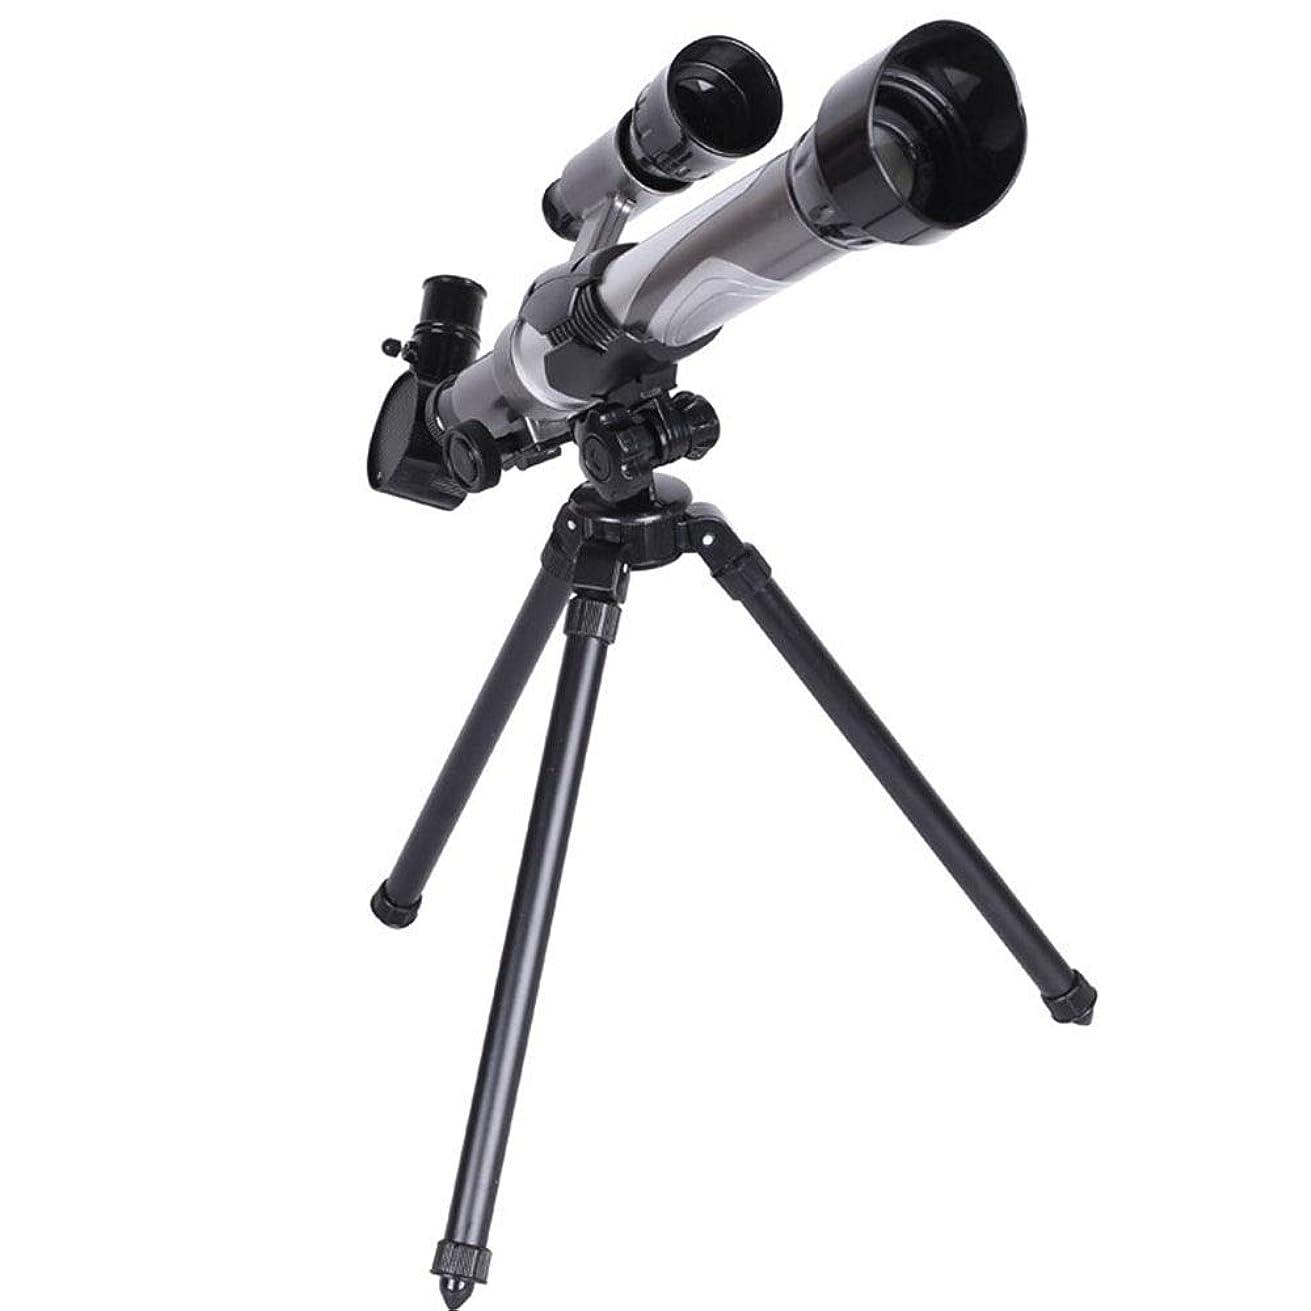 散歩に行く友だち旧正月天体望遠鏡 取り外し可能調節可能な屈折望遠鏡子供の望遠鏡セット科学と教育は20-40Xスター170ミリメートルを見て学生のためのおもちゃを探索します 望遠鏡 (色 : ブラック, サイズ : 50X19X7.5CM)